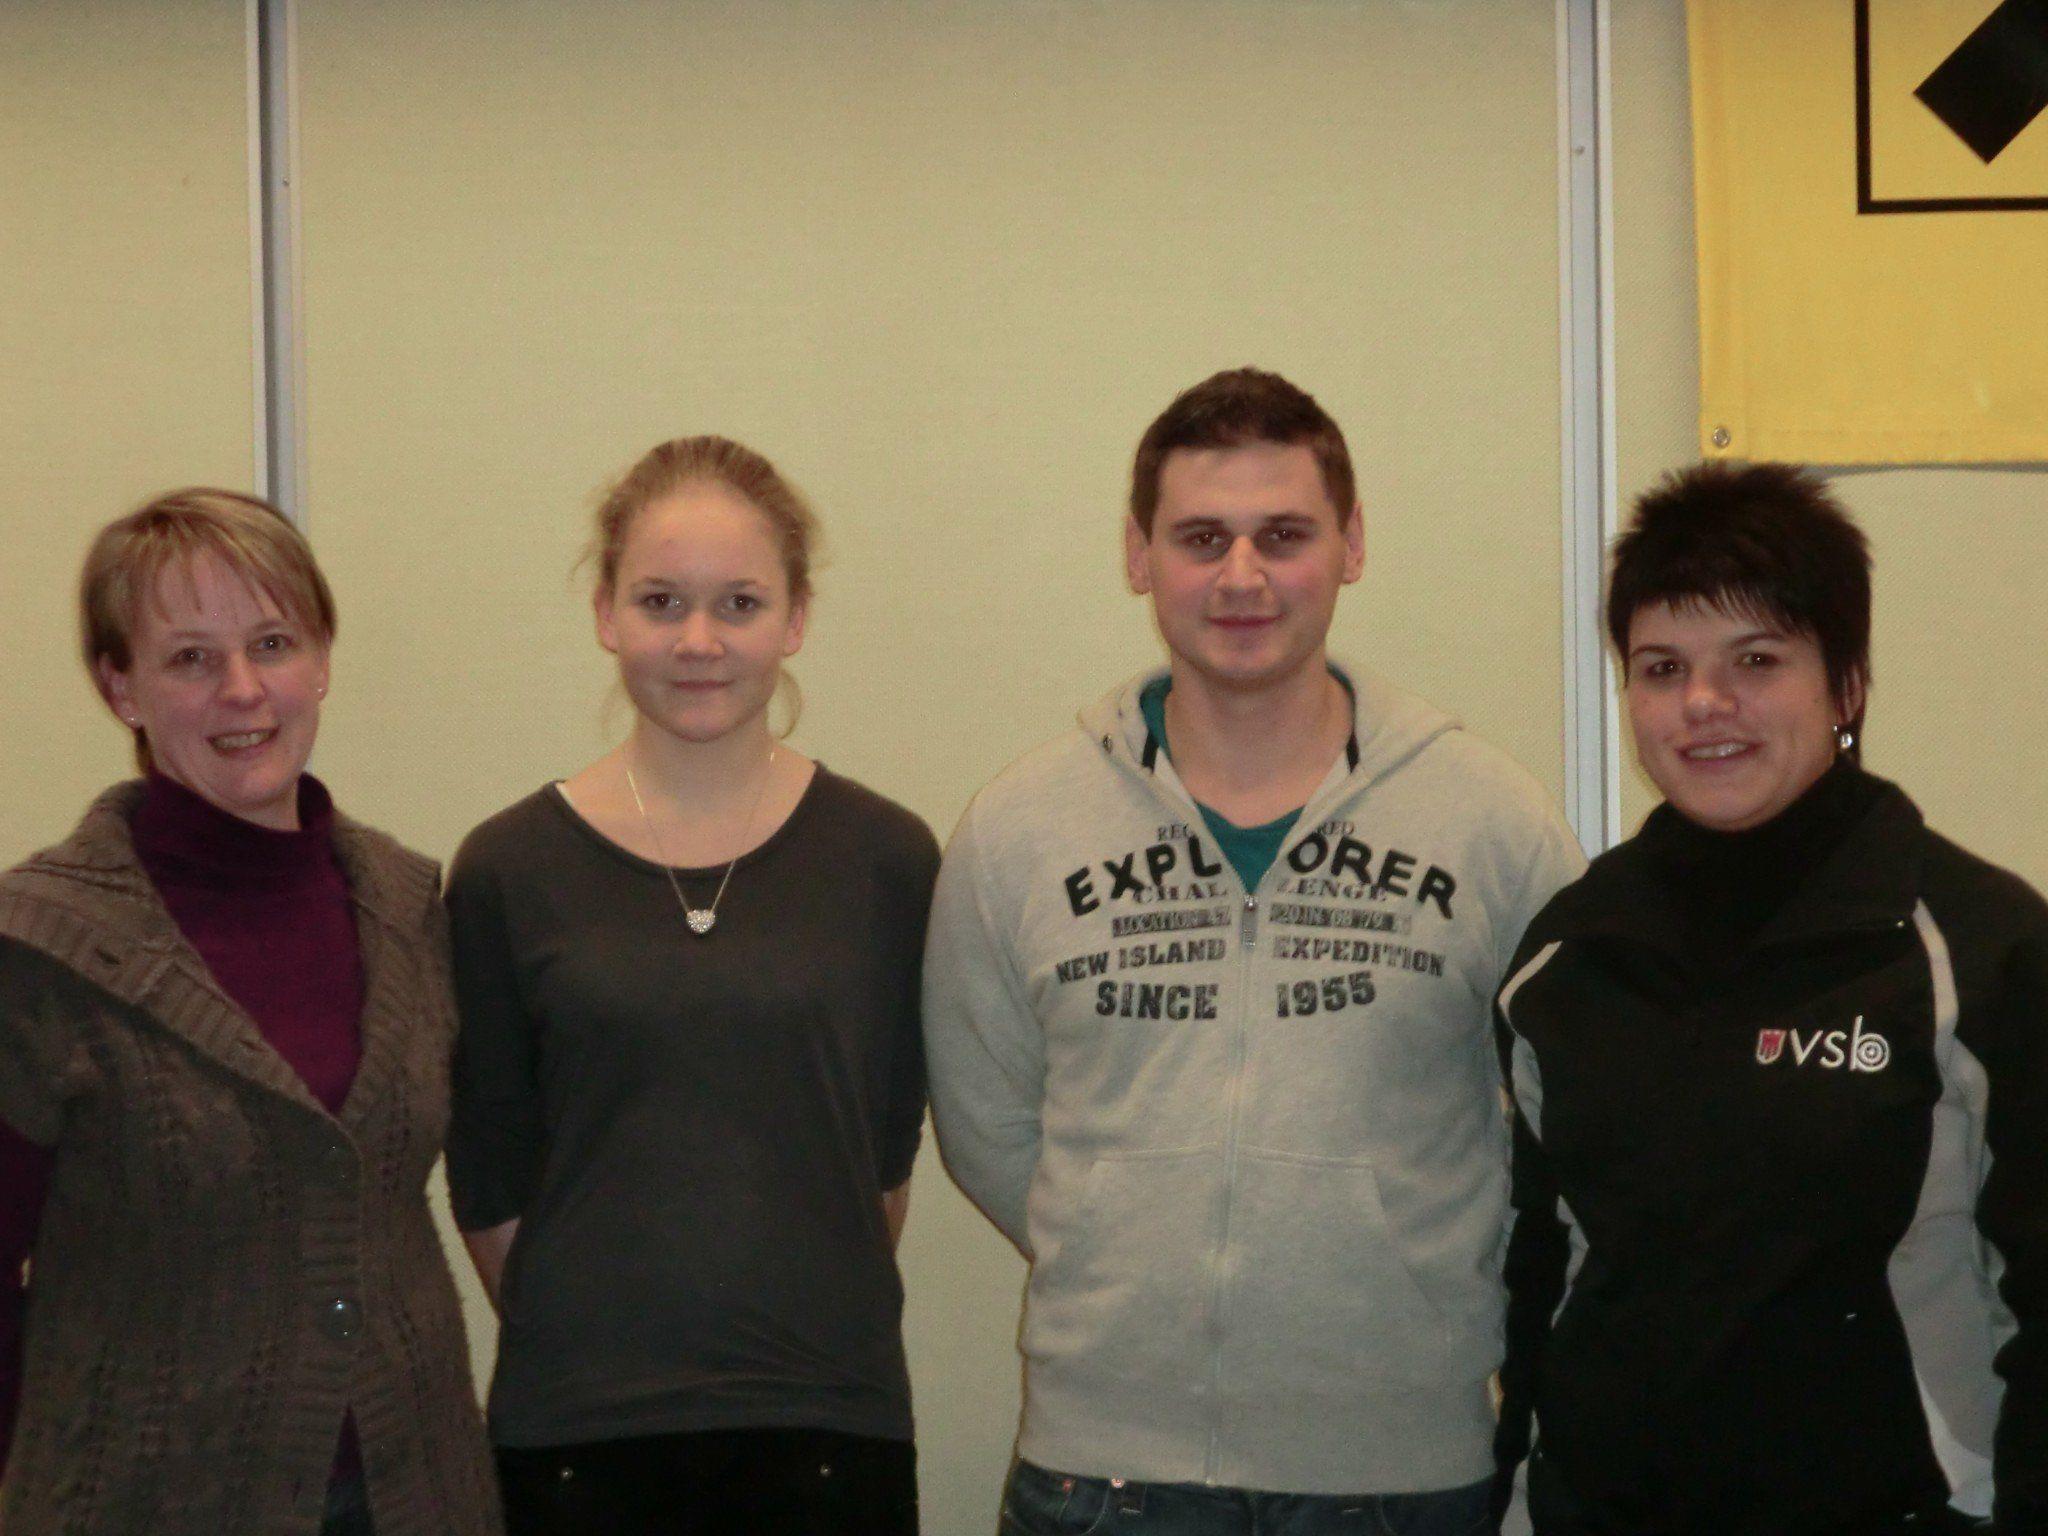 Bild v.l.n.r. Metzler Waltraud, Egender Biana, Fink Christian, Rüscher Katja